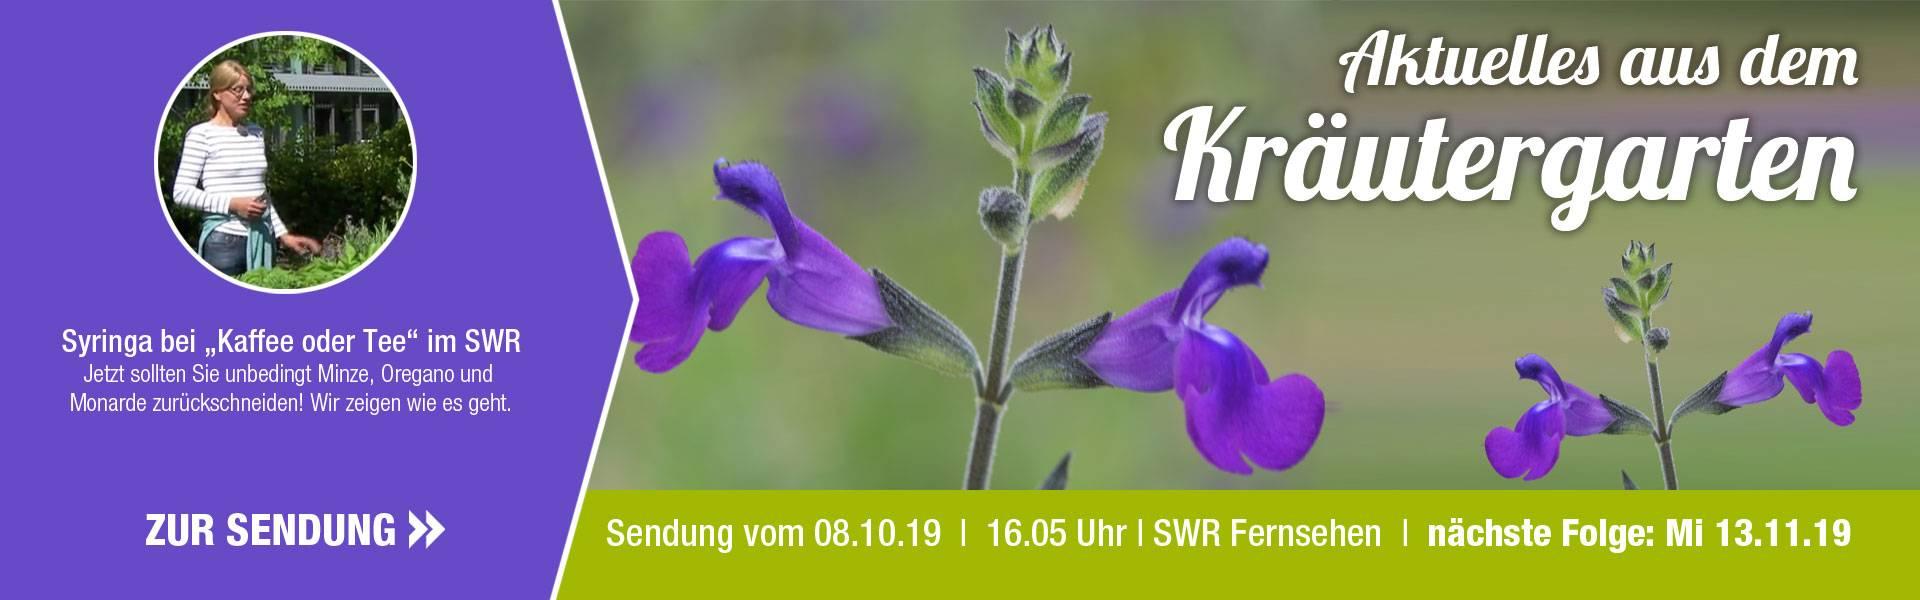 SWR_10_Kr_uter